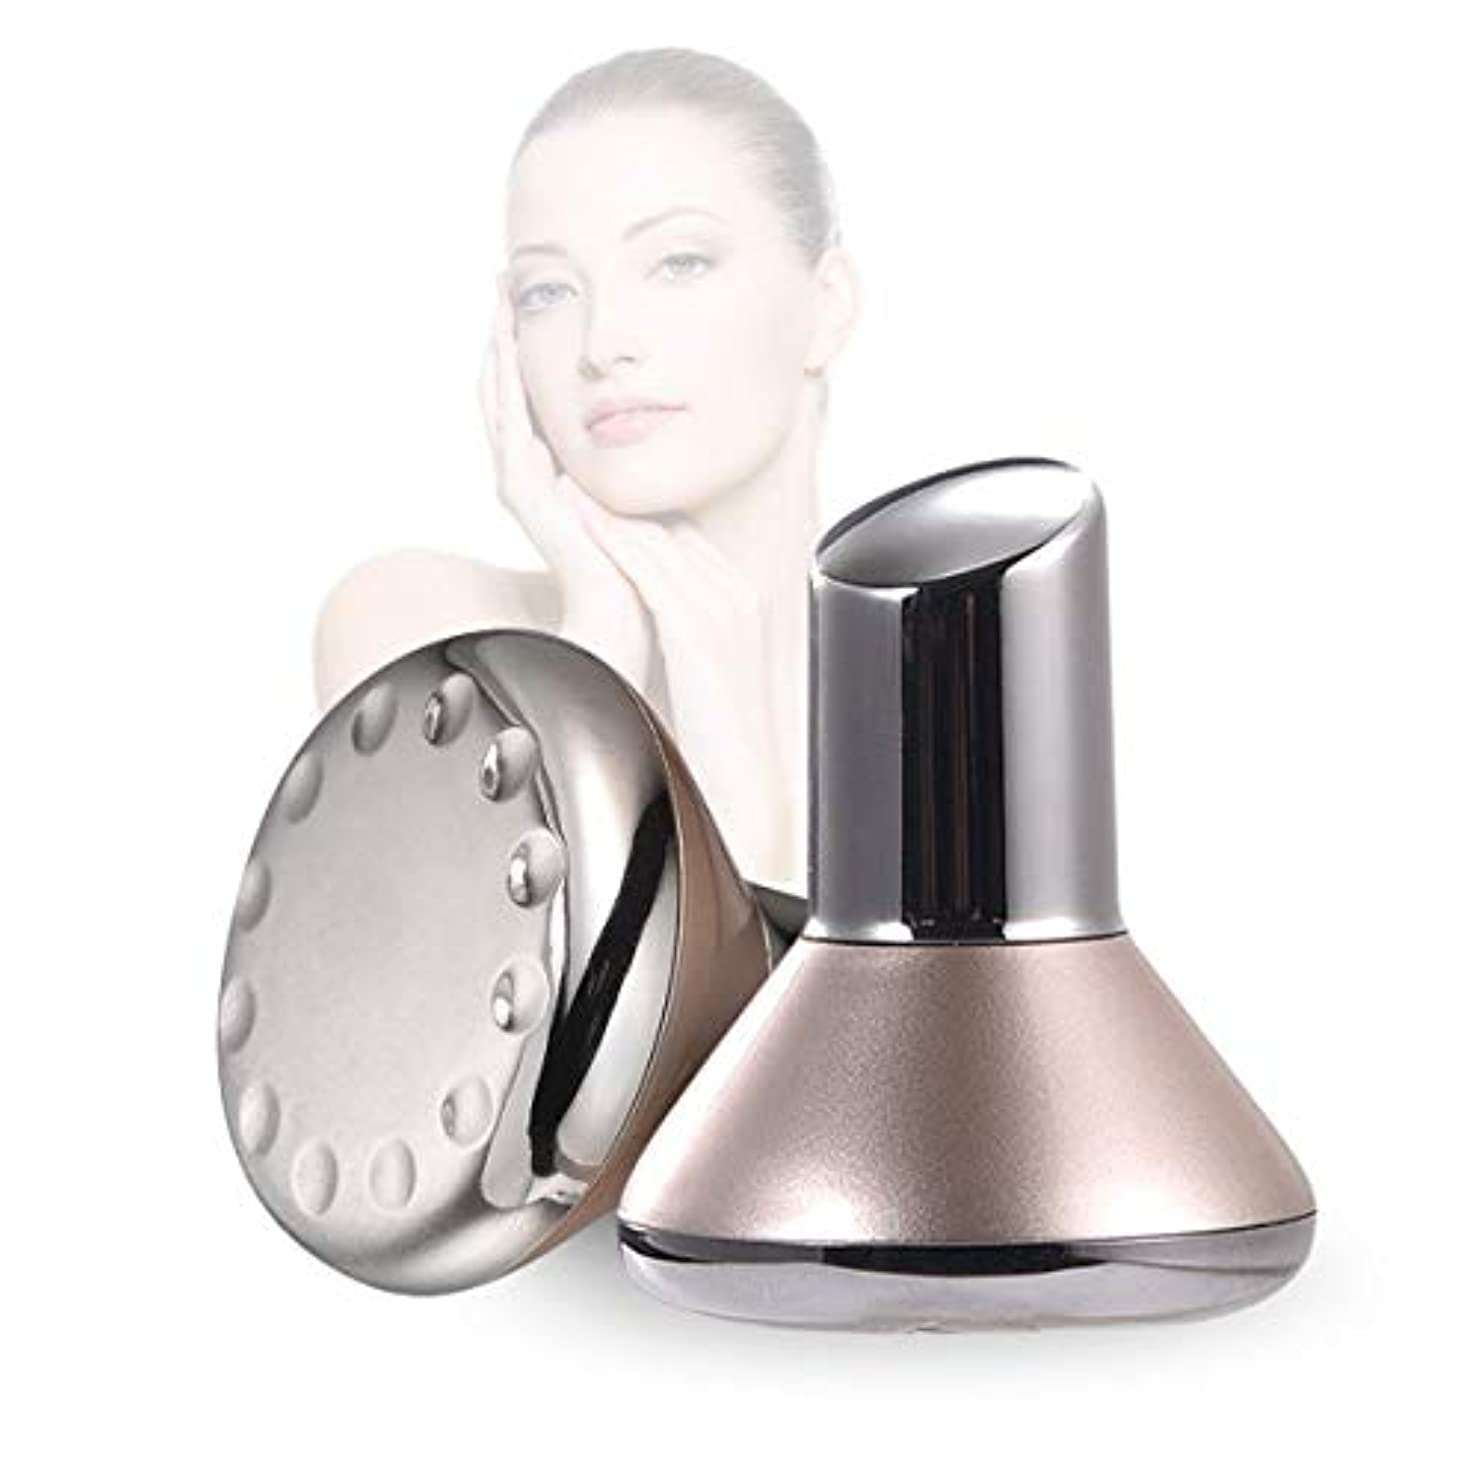 化石着替えるオーガニック顔の顔のマッサージ、マイクロ磁気振動高周波が付いている携帯用顔機械 - しわを減らすイオン本質のクリーニングの器械